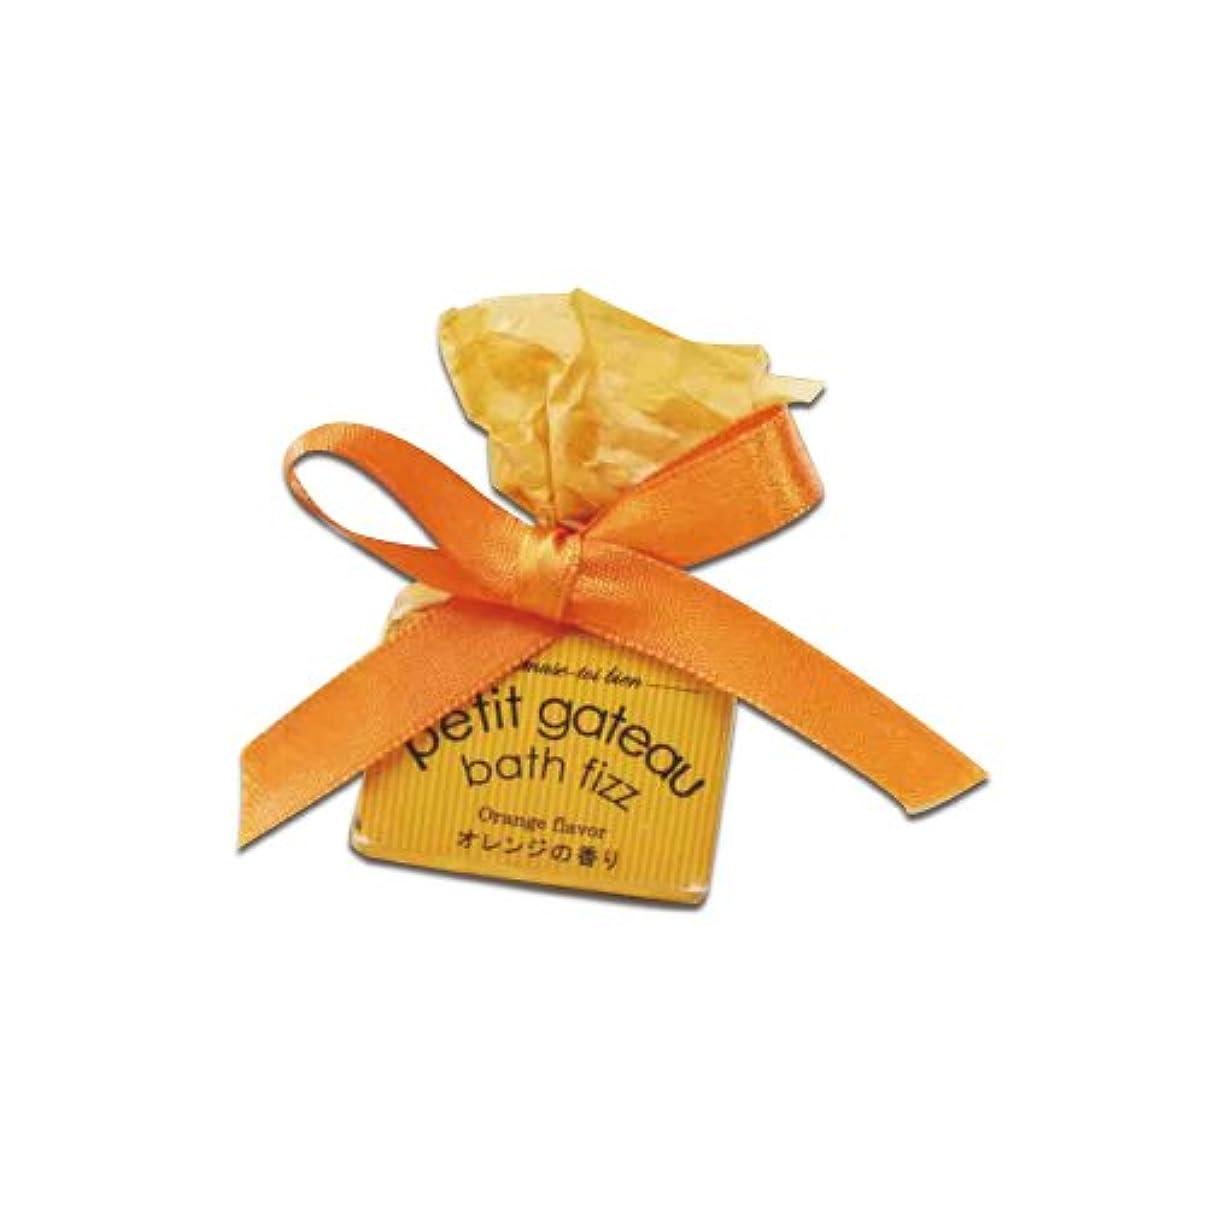 和解する葉花弁プチガトーバスフィザー オレンジの香り 12個セット